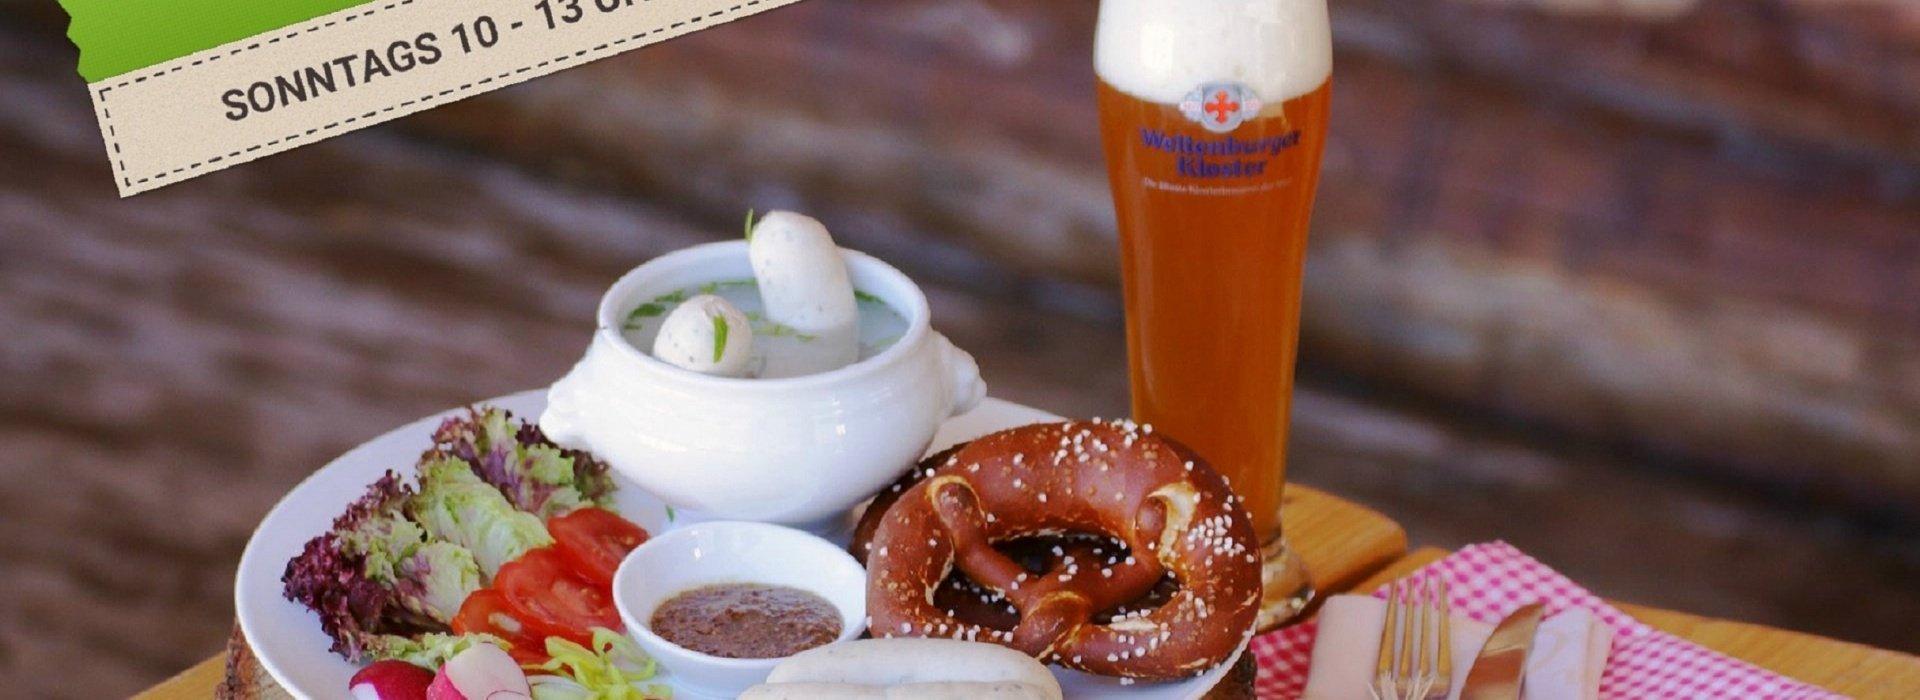 Weisswurst Frühshoppen